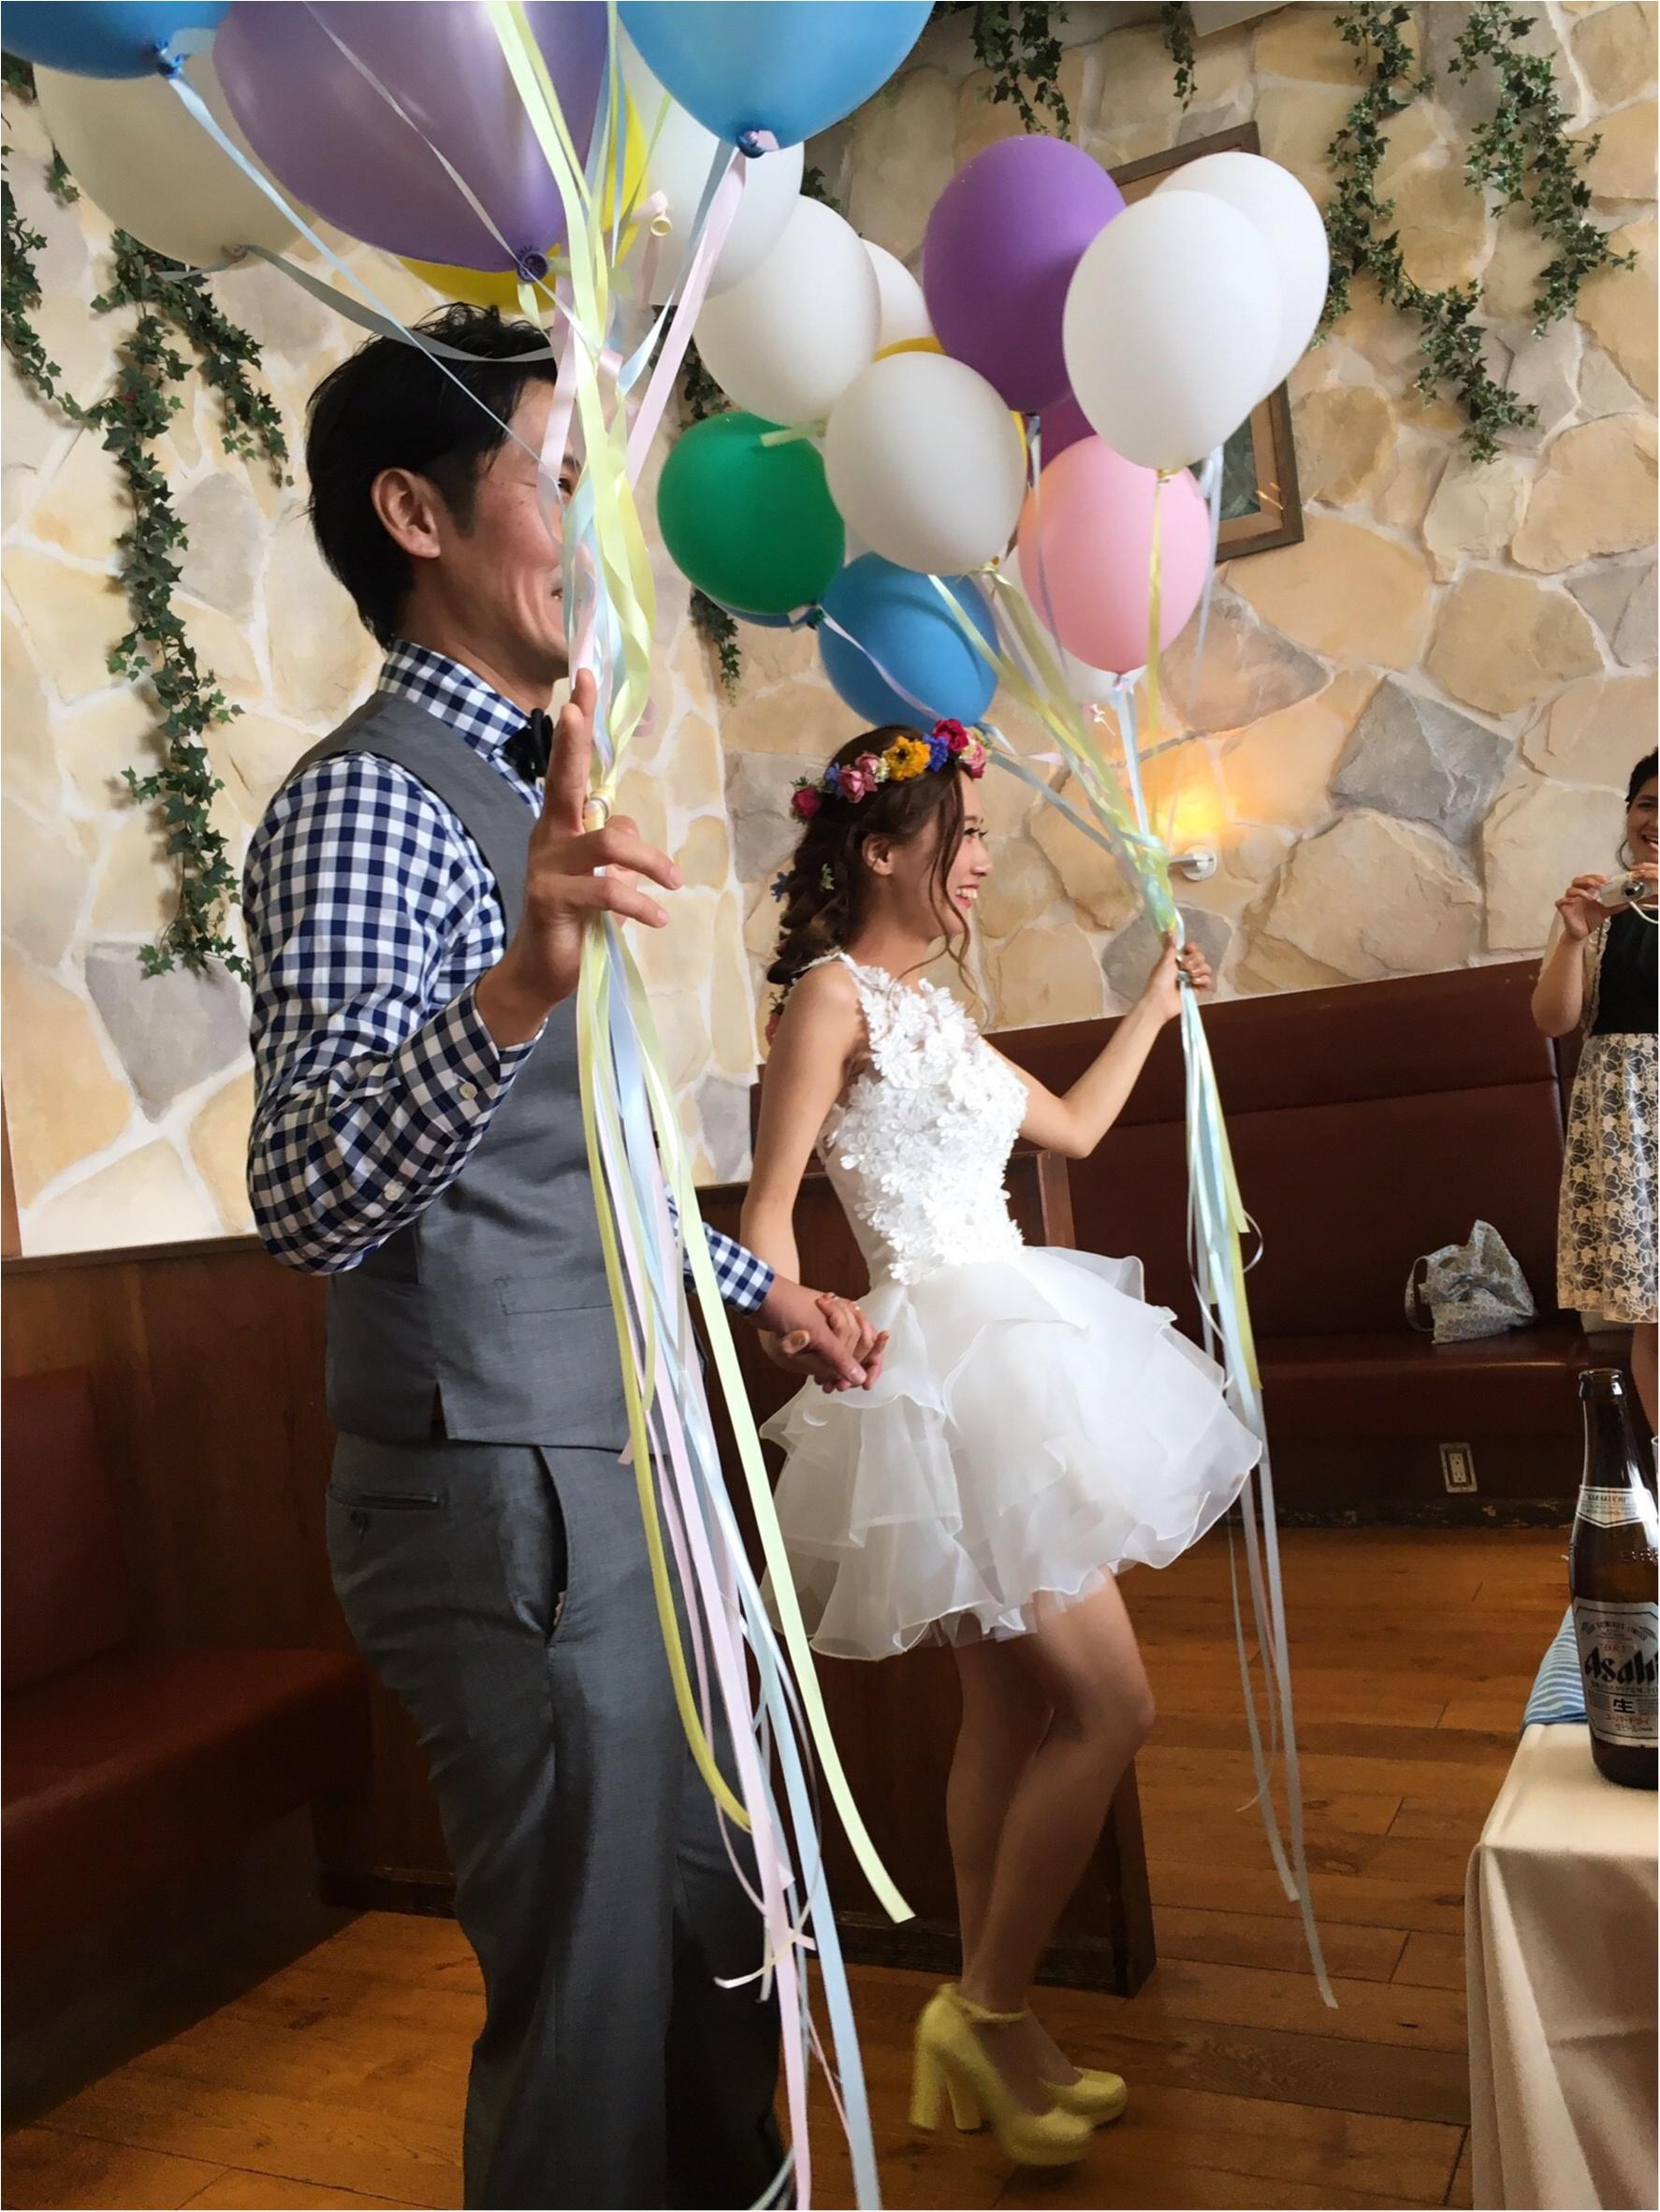 """【Wedding】え、ここはアメリカですか?可愛いの嵐♡!憧れ×理想の""""海外風 ウエディング""""がインスタ映え最高って話。_18"""